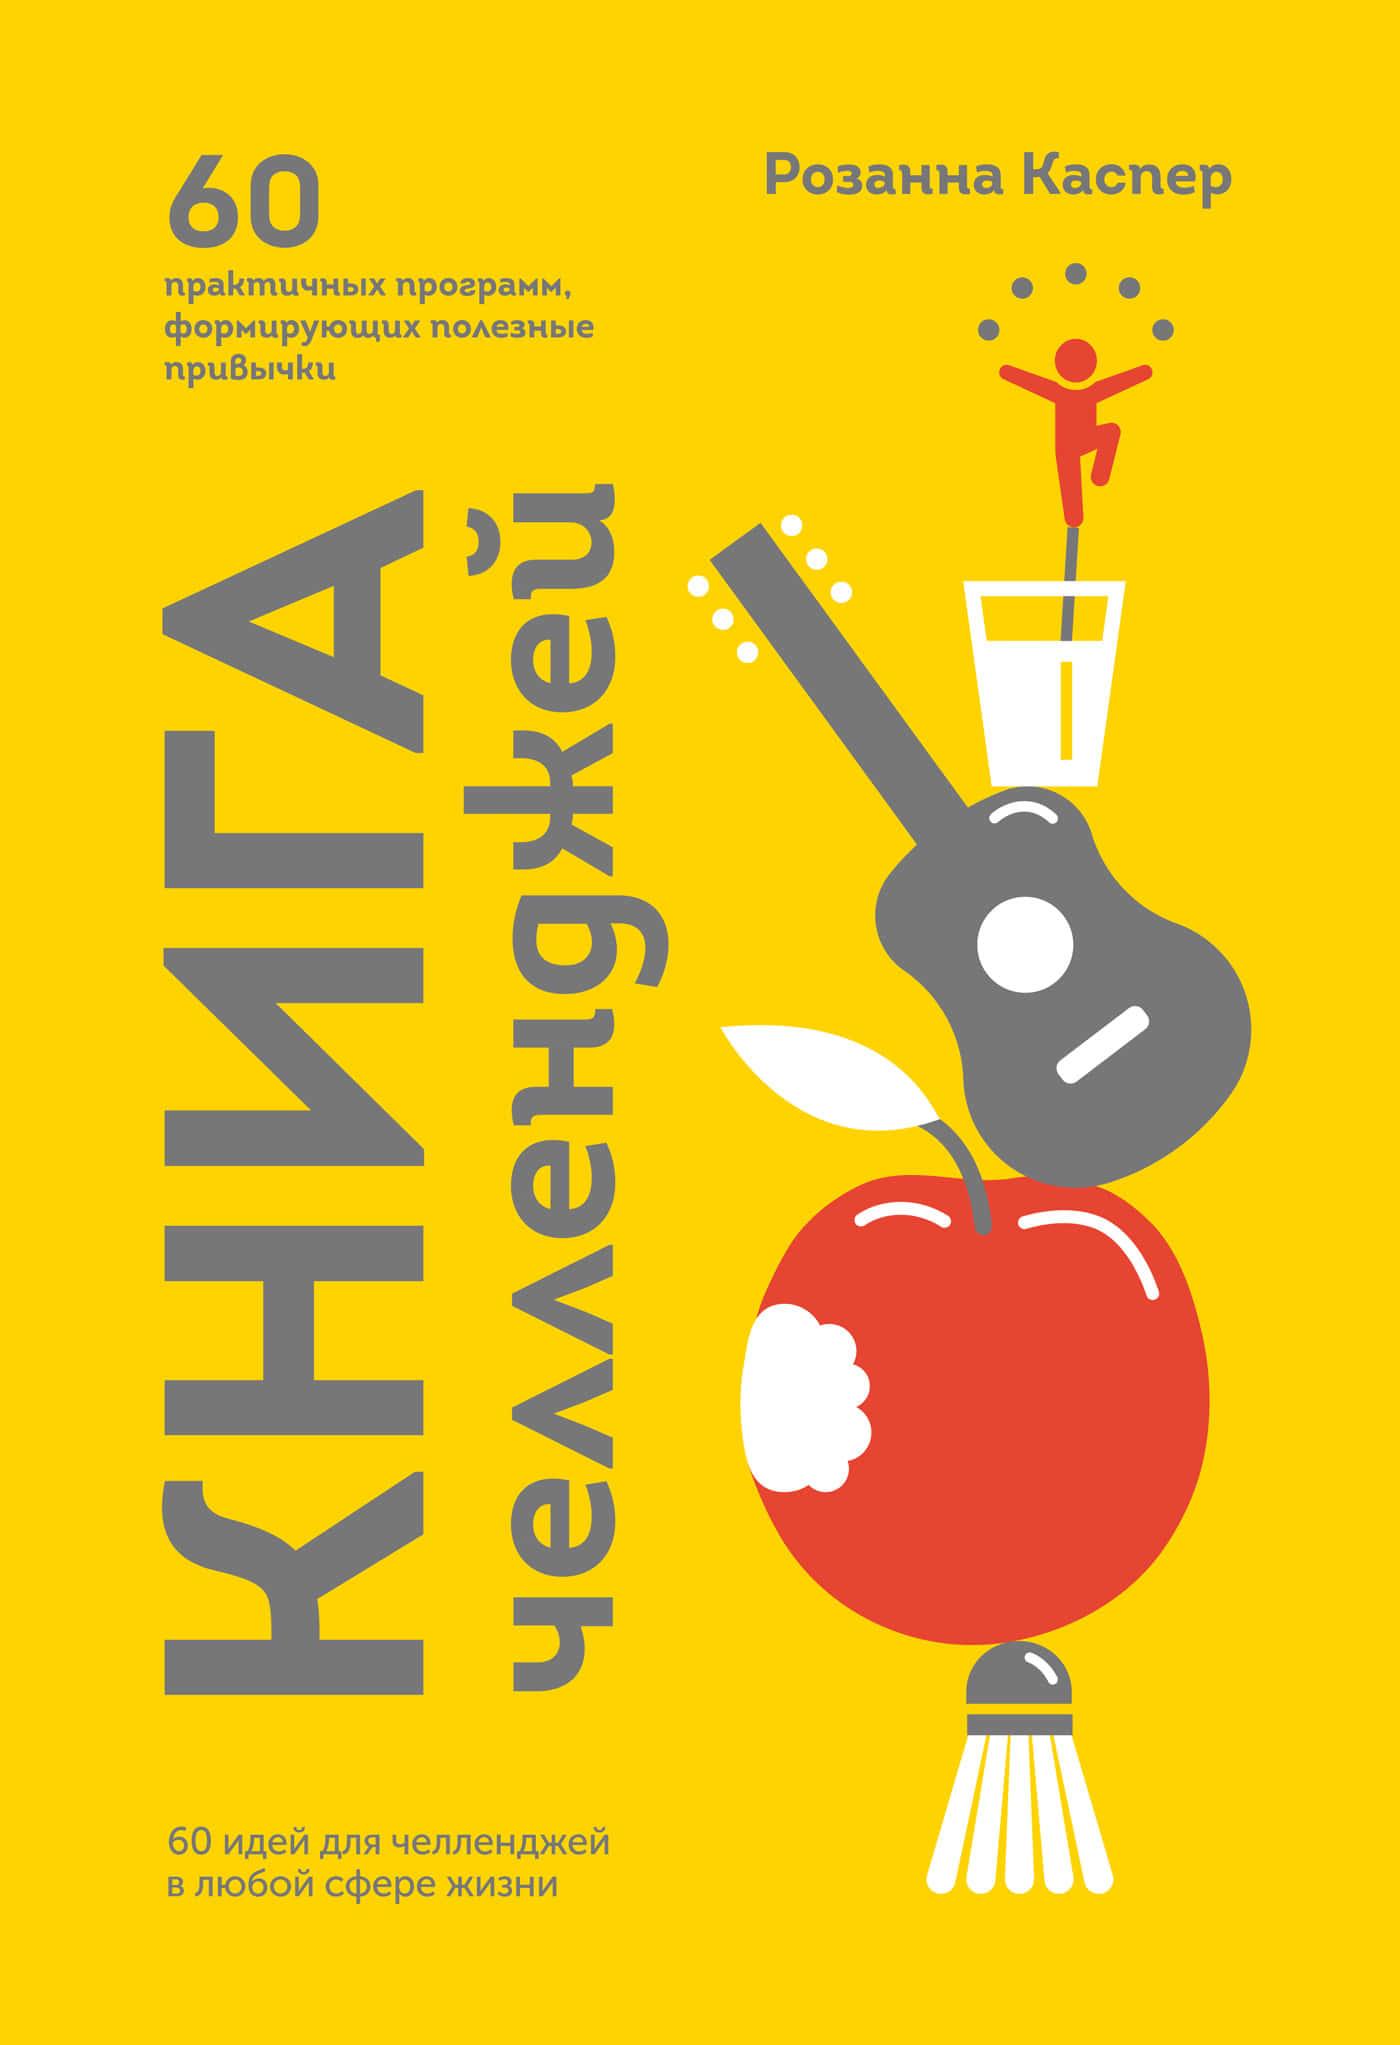 Розанна Каспер «Книга челленджей. 60 программ, формирующих полезные привычки»